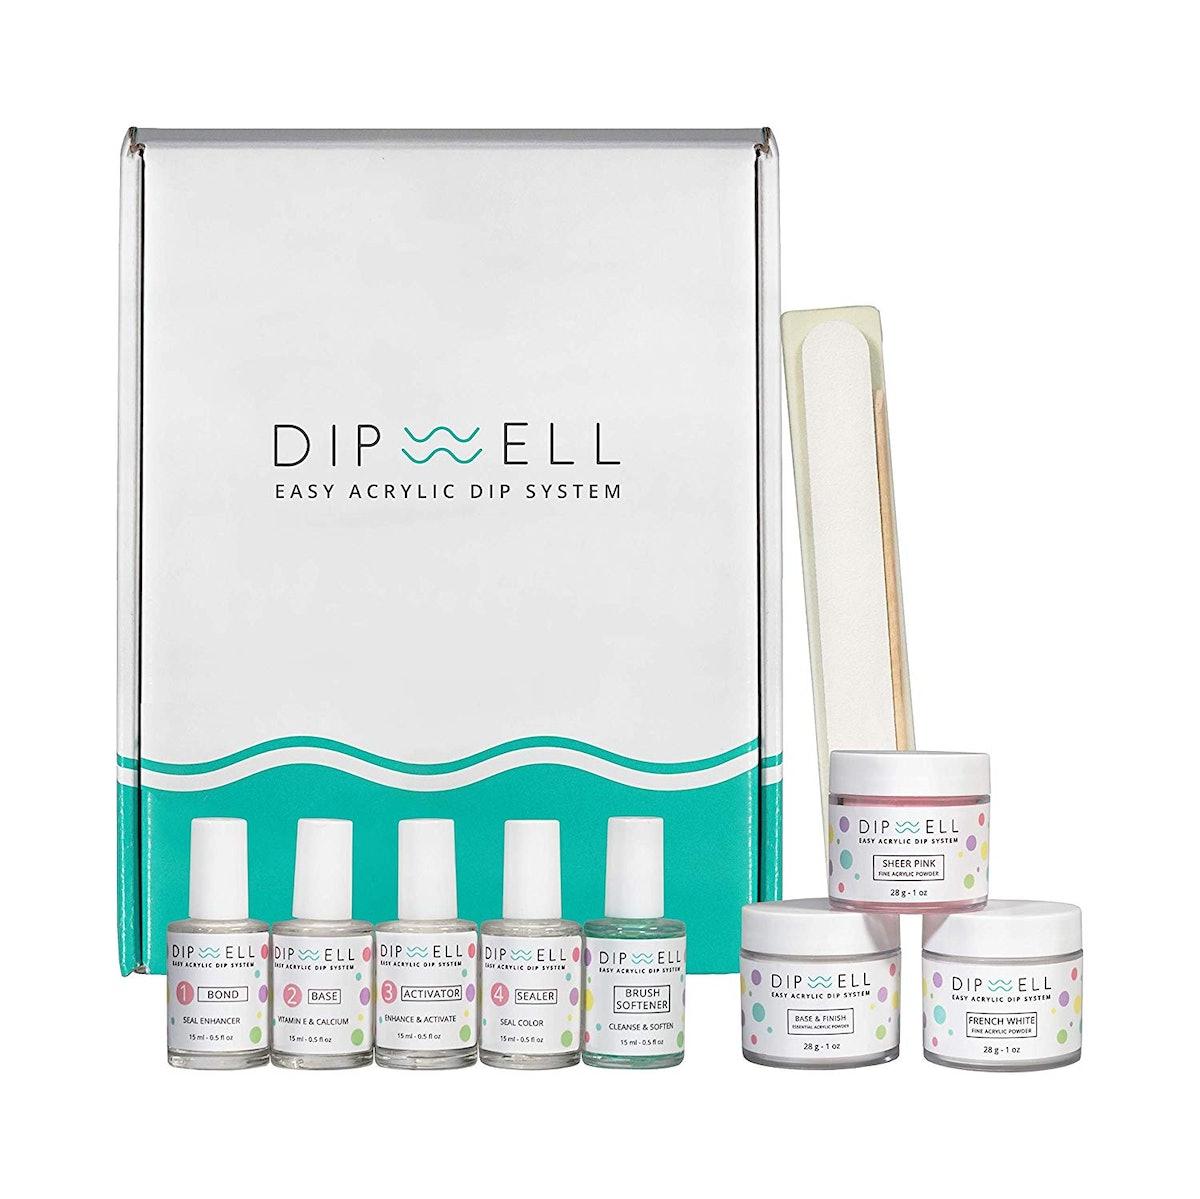 DipWell Dipping Nail Starter Kit